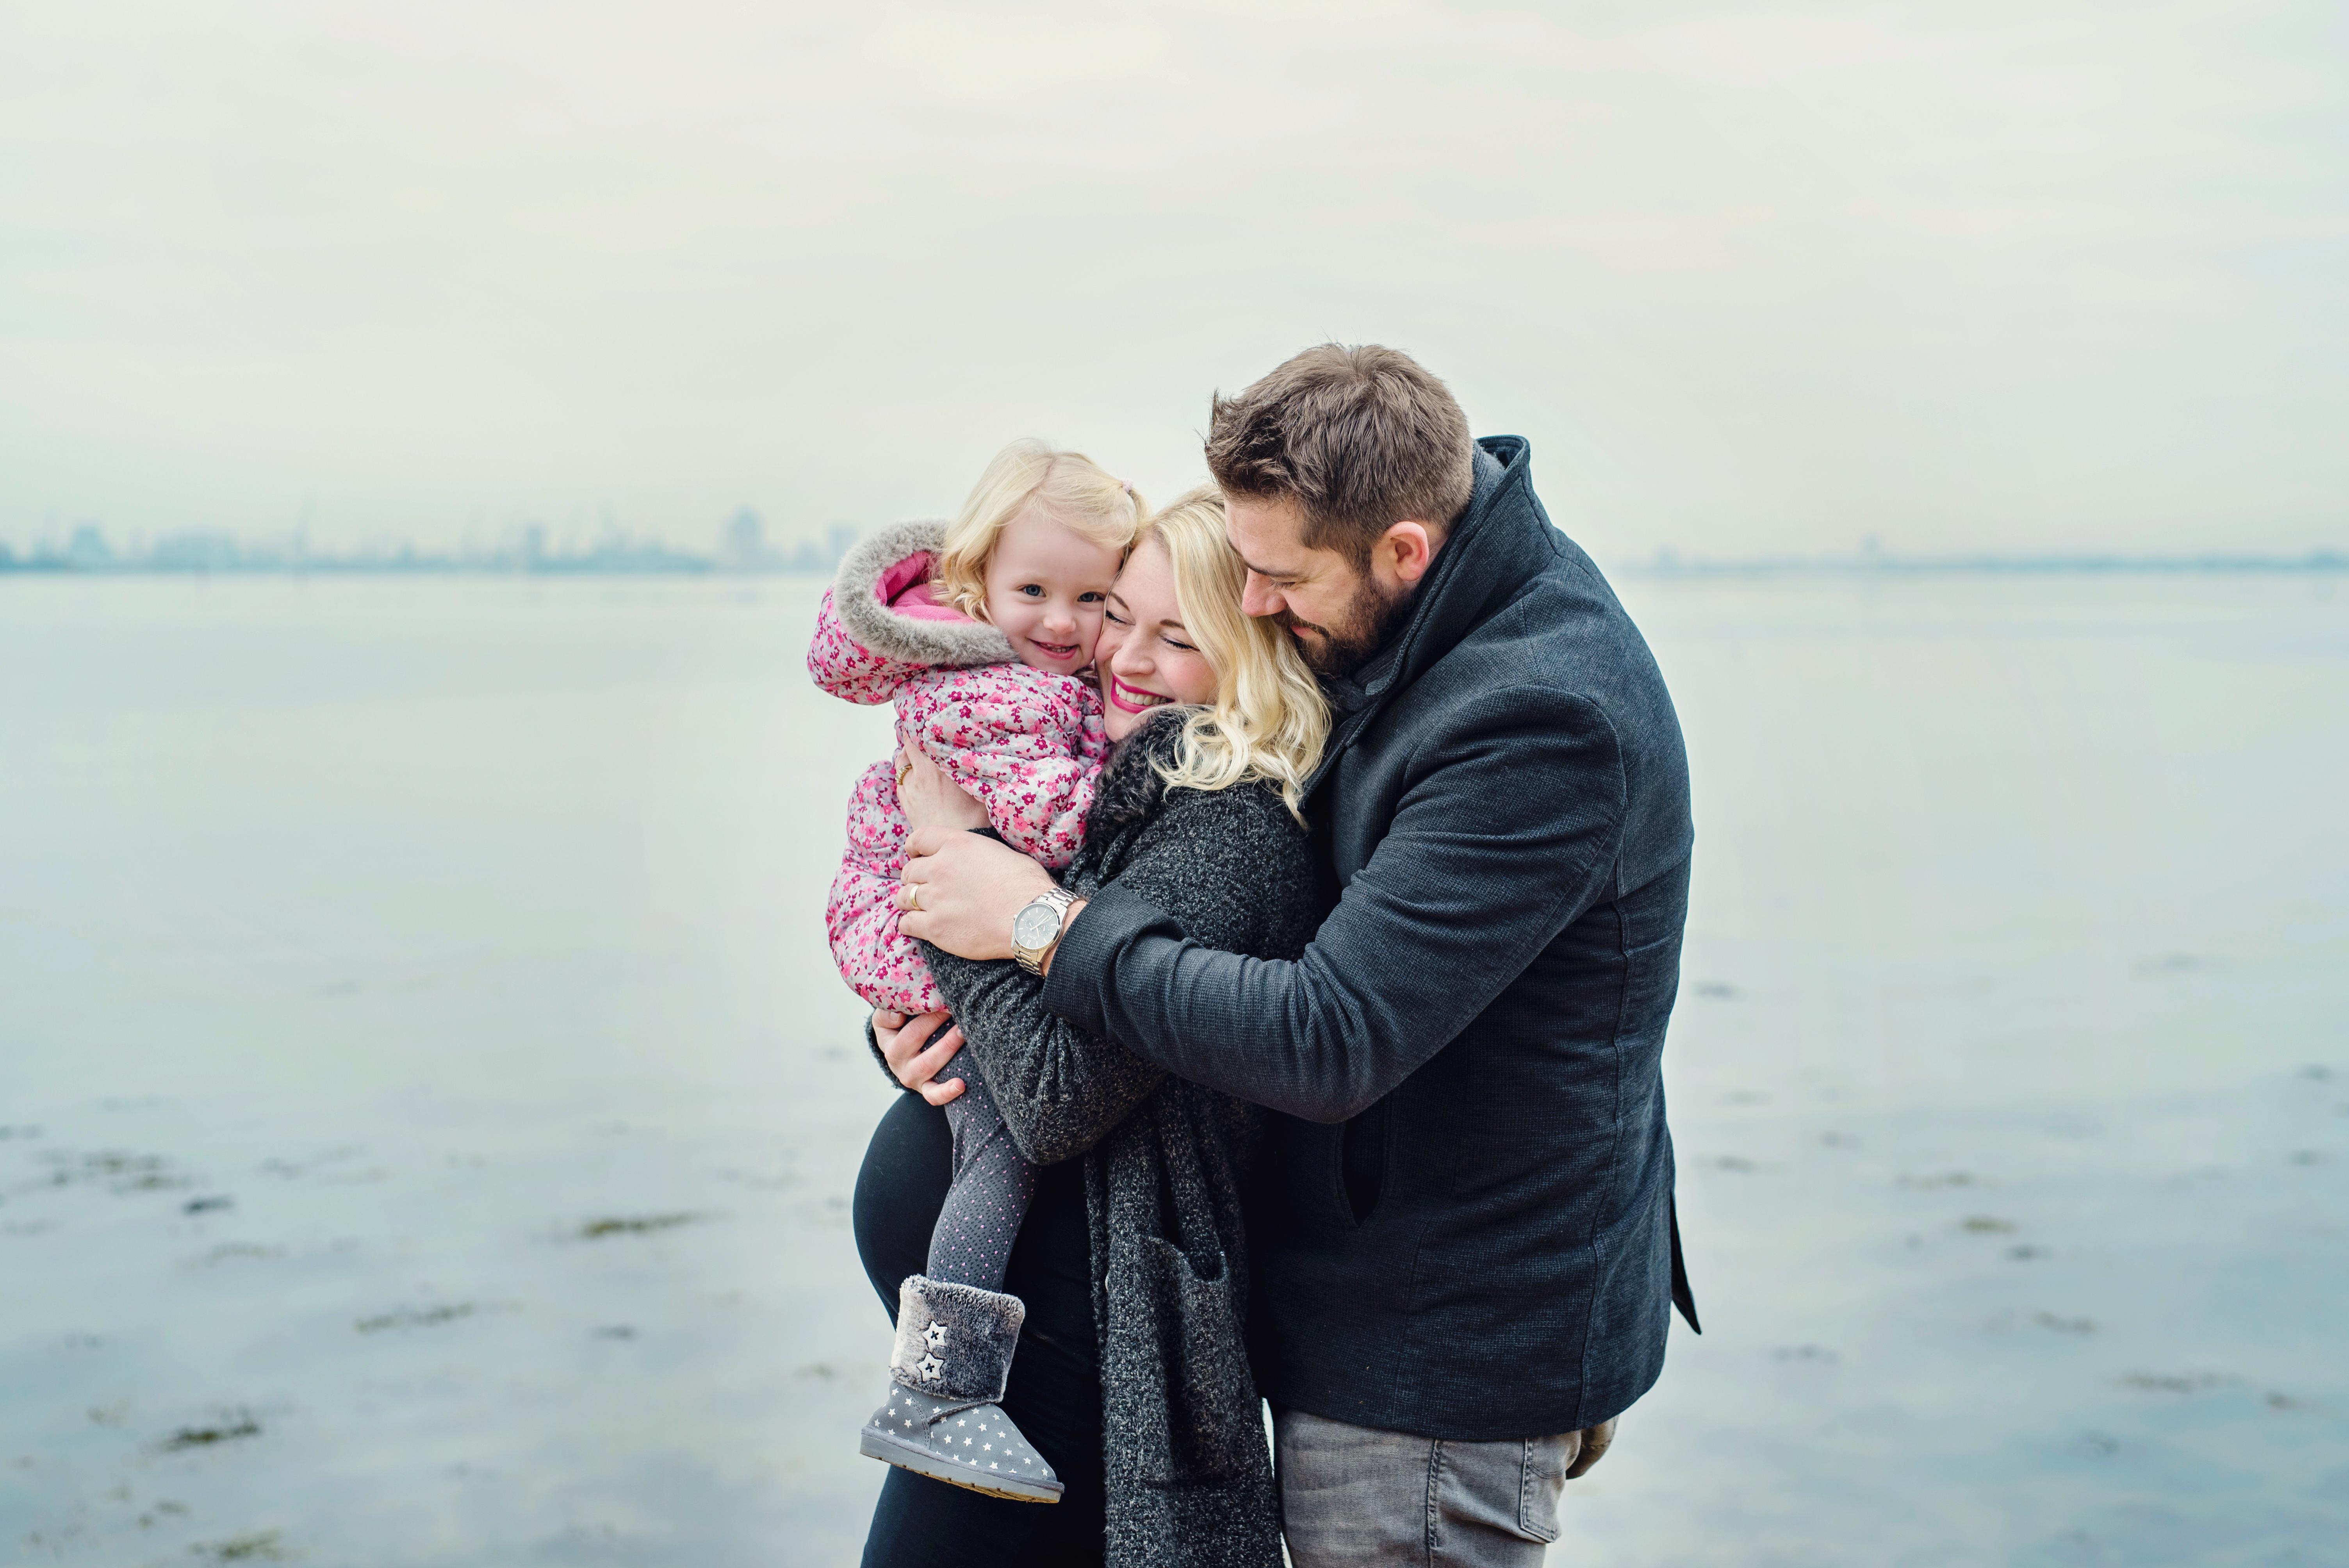 Hurcombe Family - Pregnancy-2-EDITED